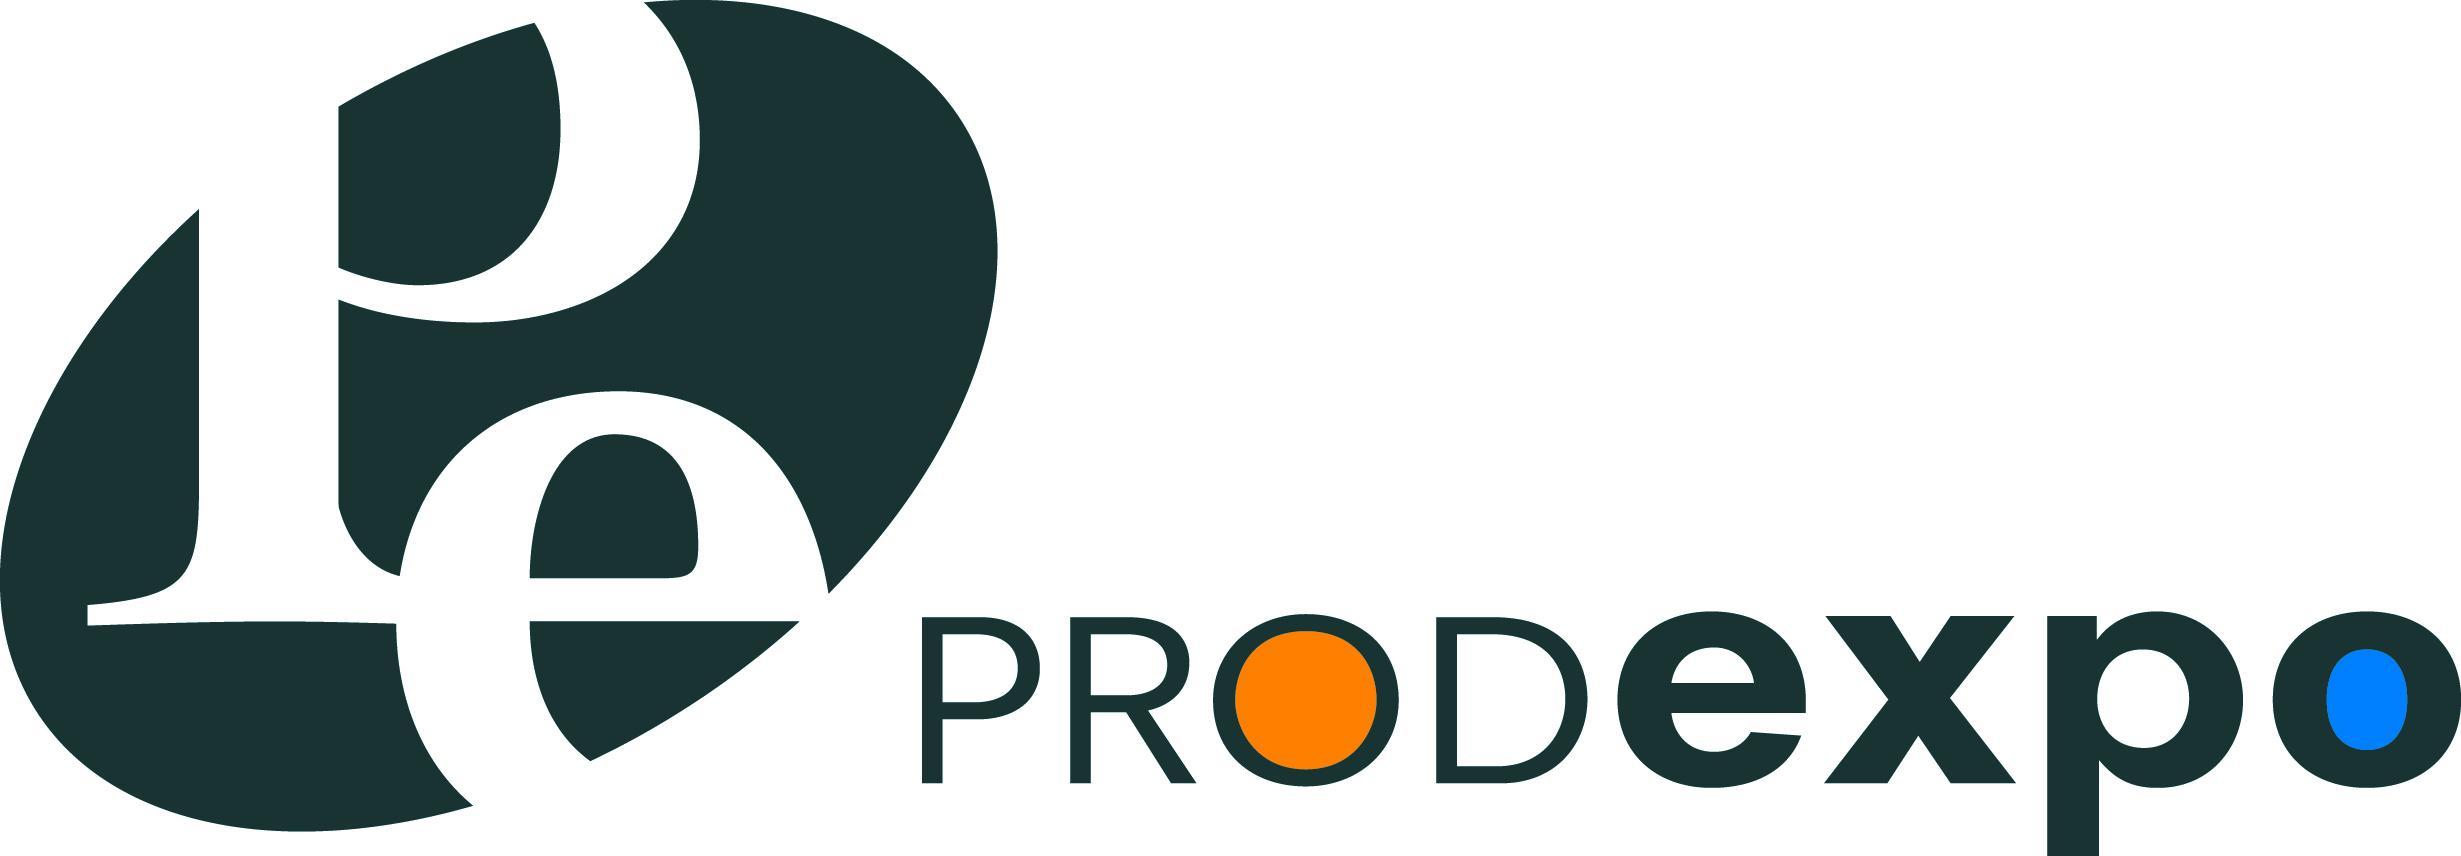 Prodexpo -